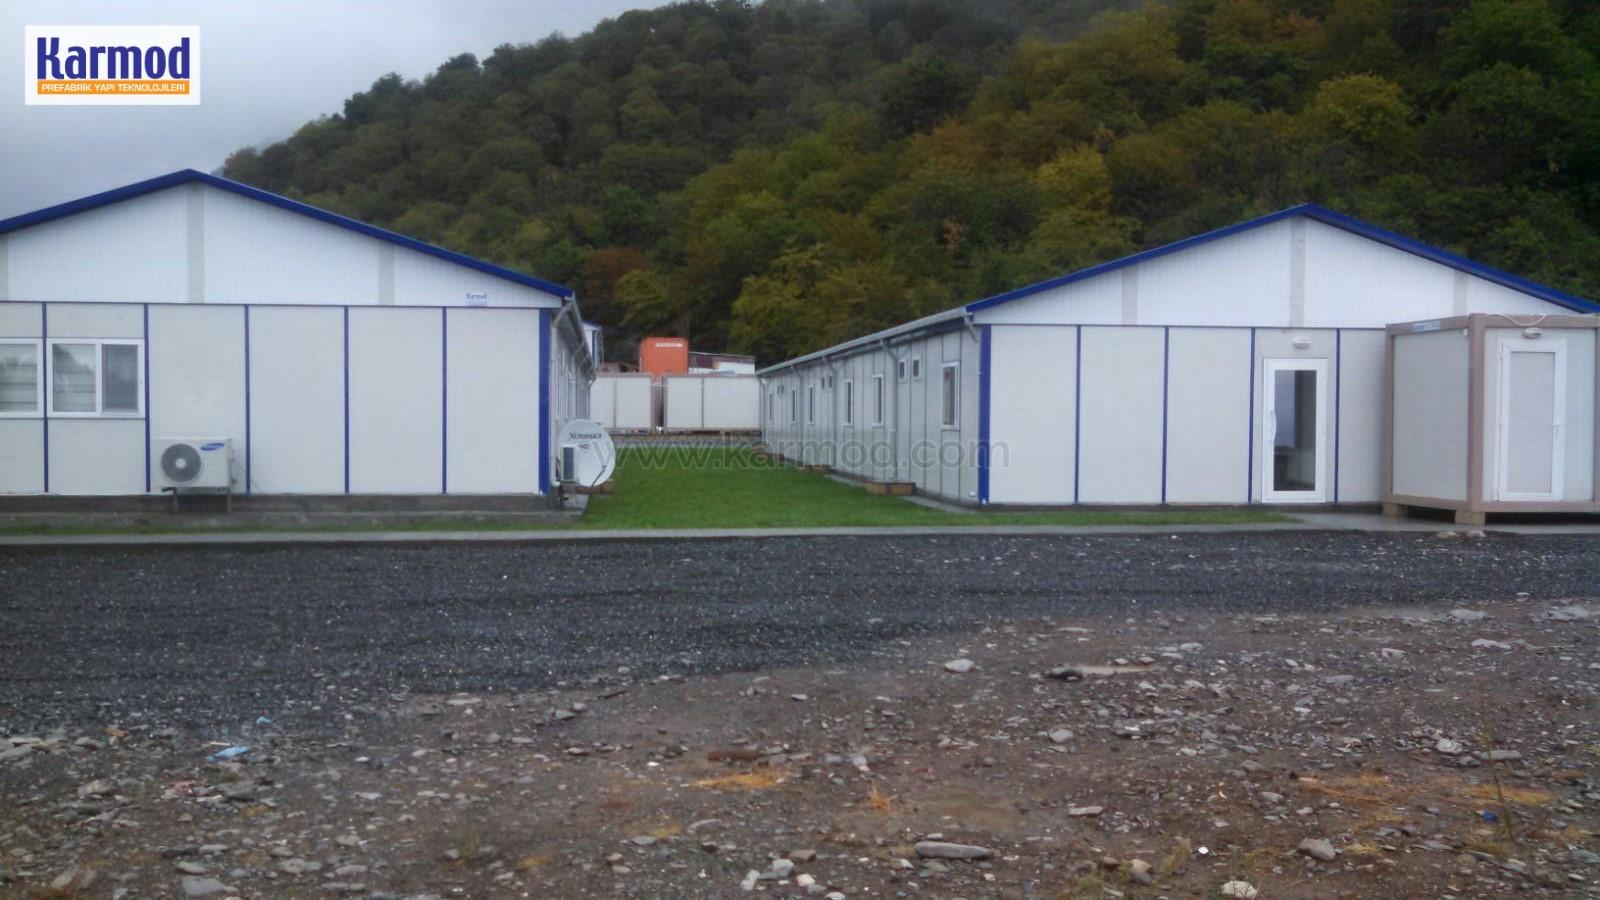 Workforce Housing construction village